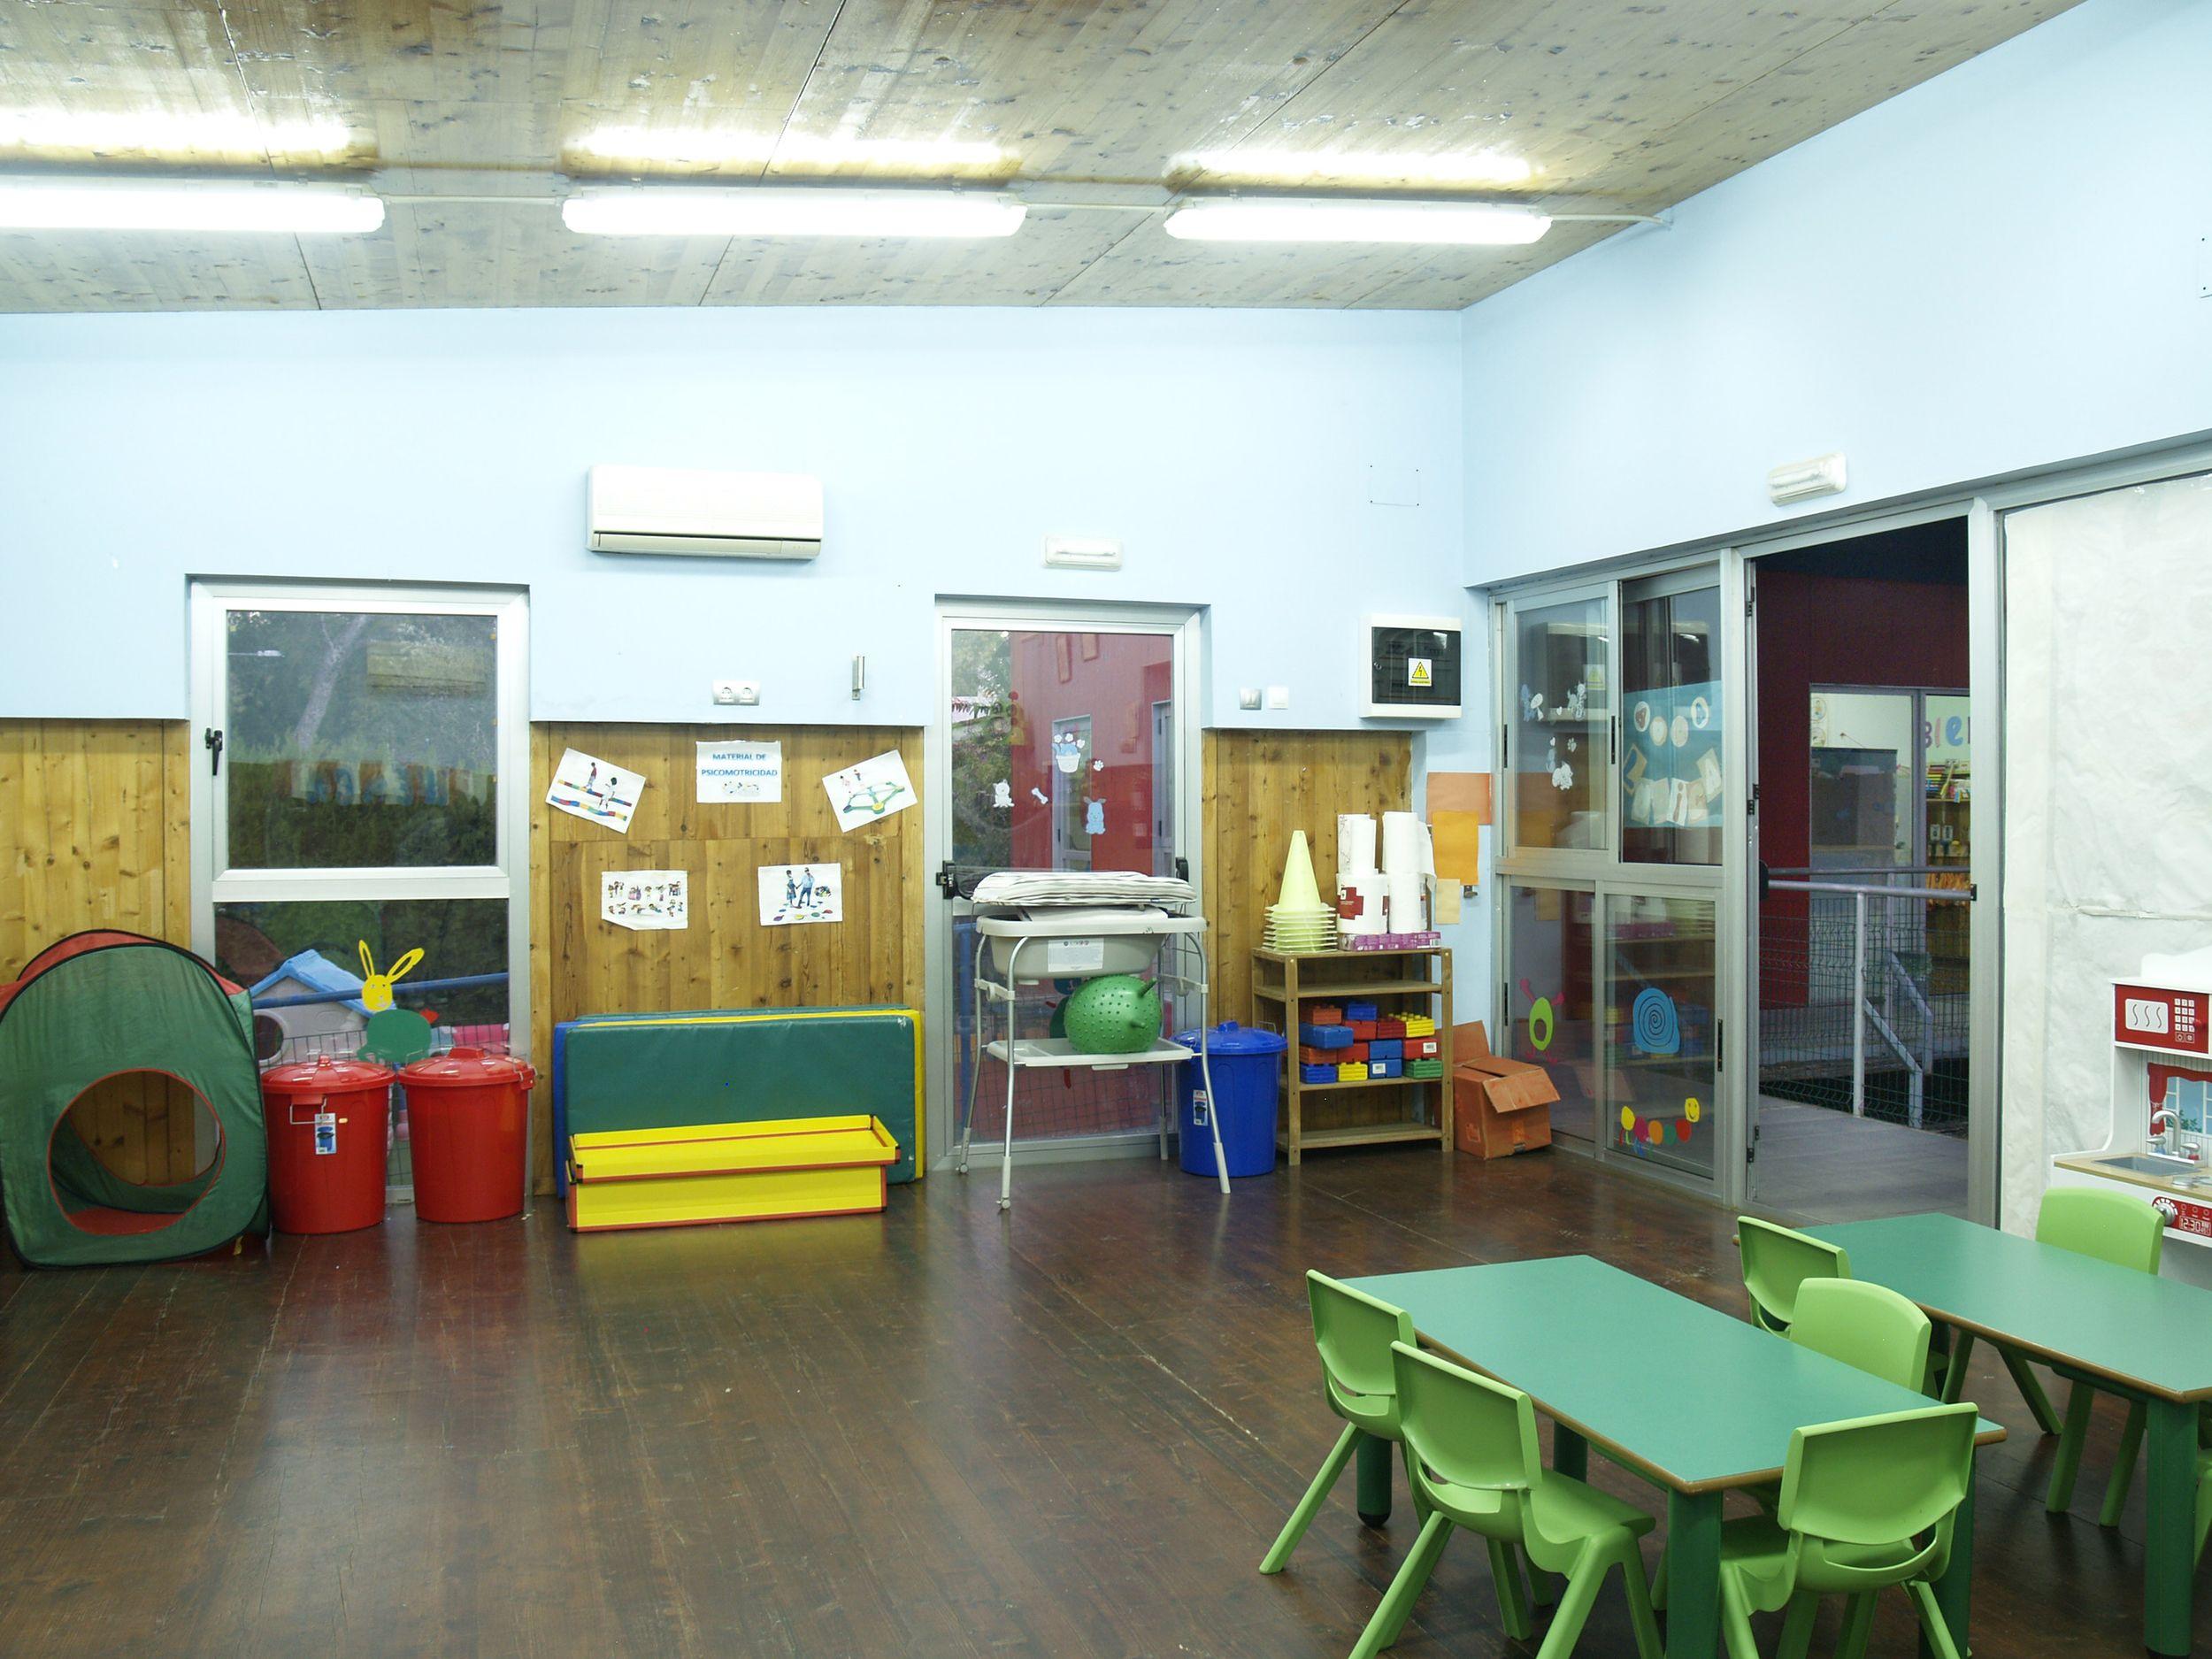 Foto 40 de Escuela infantil en Mairena del Aljarafe | Mom Educación y Servicios